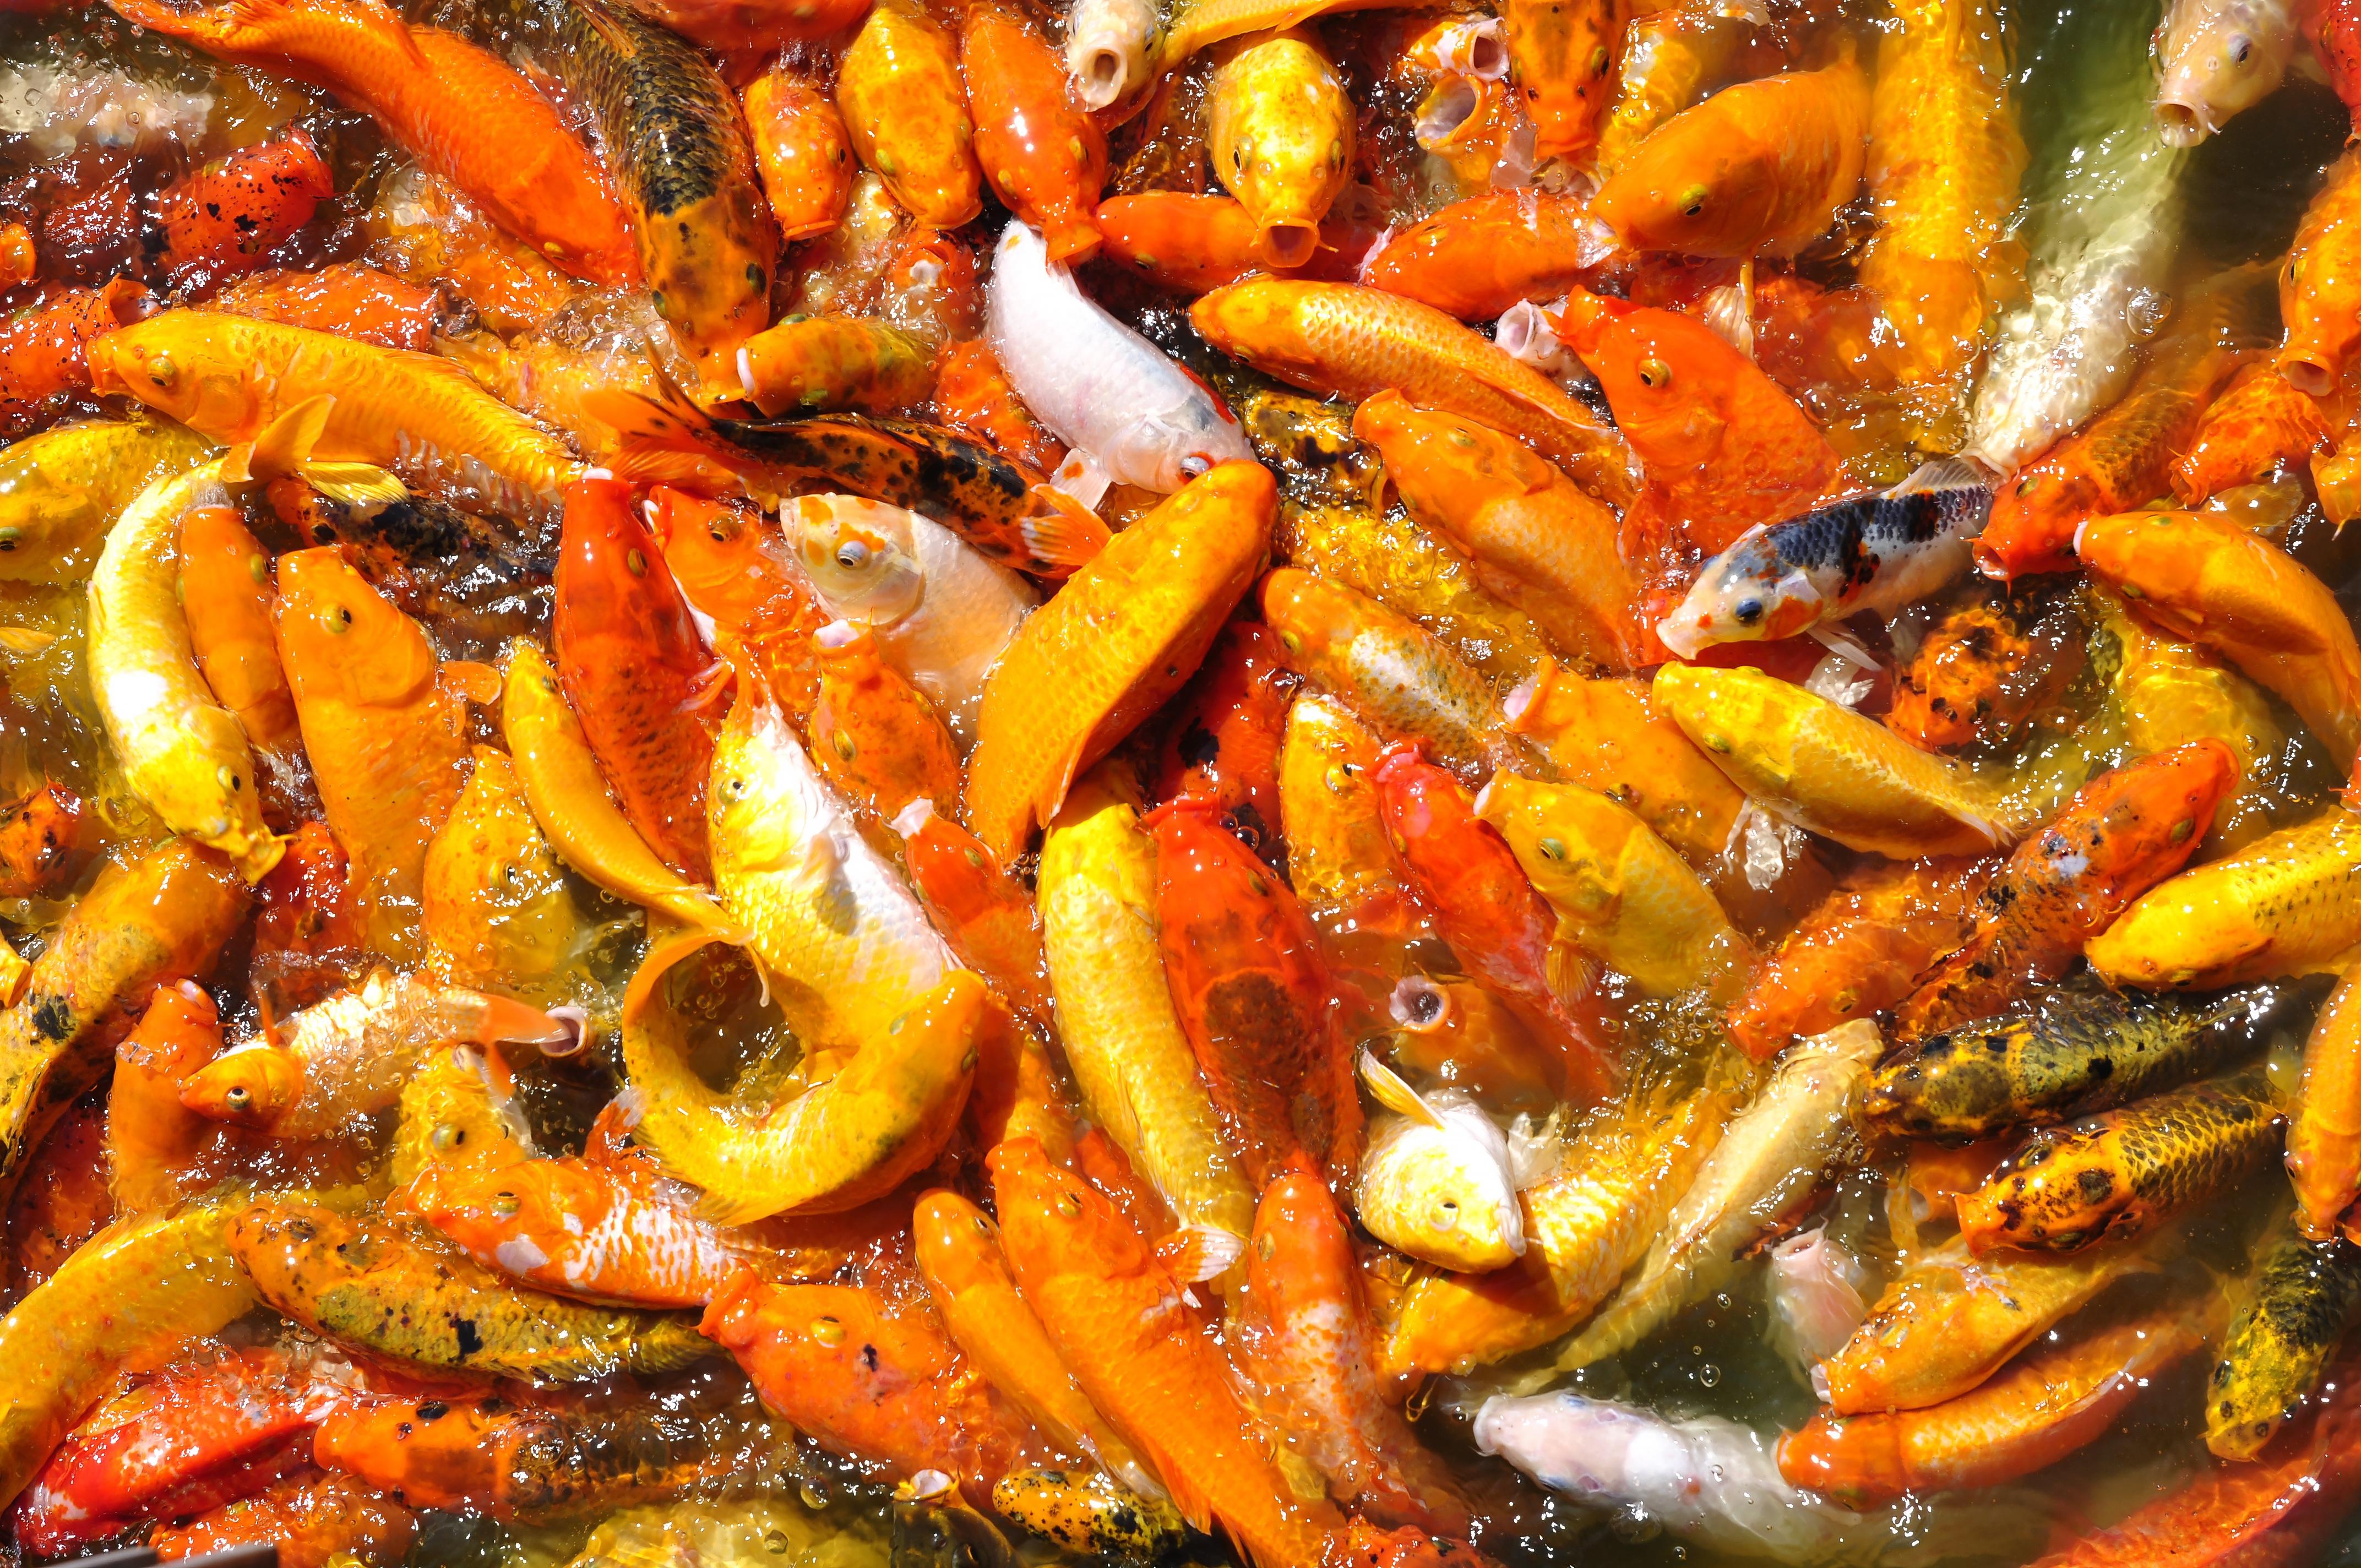 Gambar Alam Asia Jeruk Hidangan Makanan Keemasan Menghasilkan Sayur Mayur Penangkapan Ikan Masakan Wortel Di Luar Rumah Koi Karper Air Tawar Tanaman Berbunga Tanaman Tanah Ikan Mas 4288x2848 1201126 Galeri Foto Pxhere